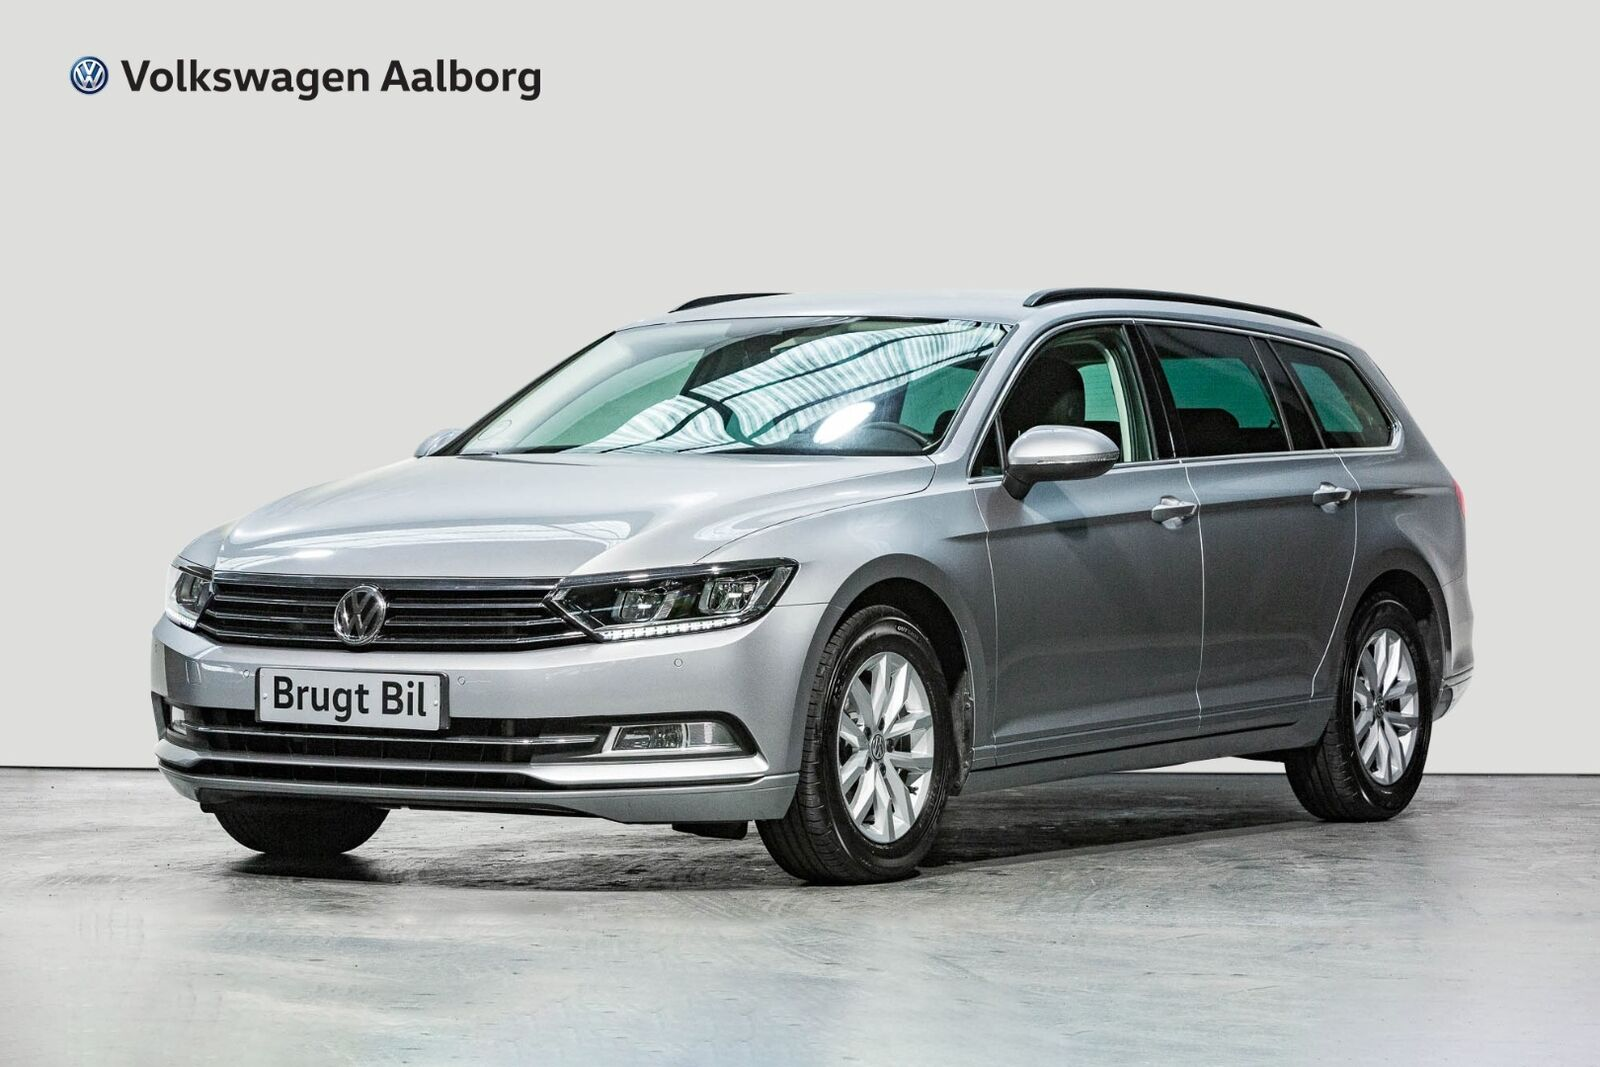 VW Passat 2,0 TDi 150 Comfort Prem. Vari DSG 5d - 375.000 kr.